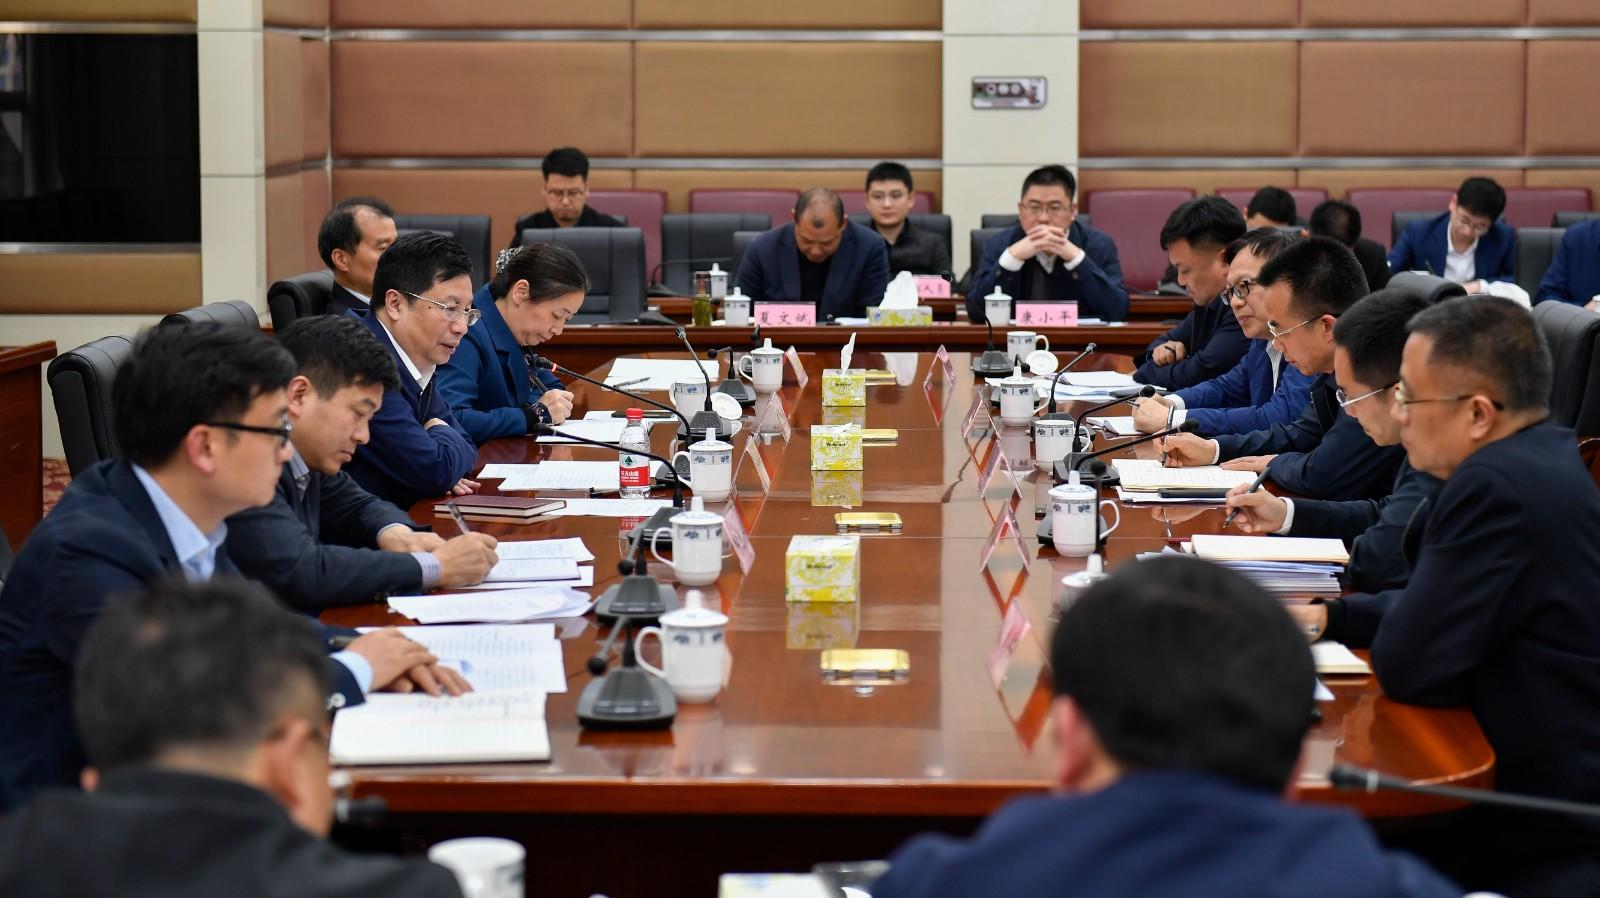 胡衡华到开福区调研经济社会发展情况,并主持召开座谈会。长沙晚报全媒体记者 余劭劼 摄